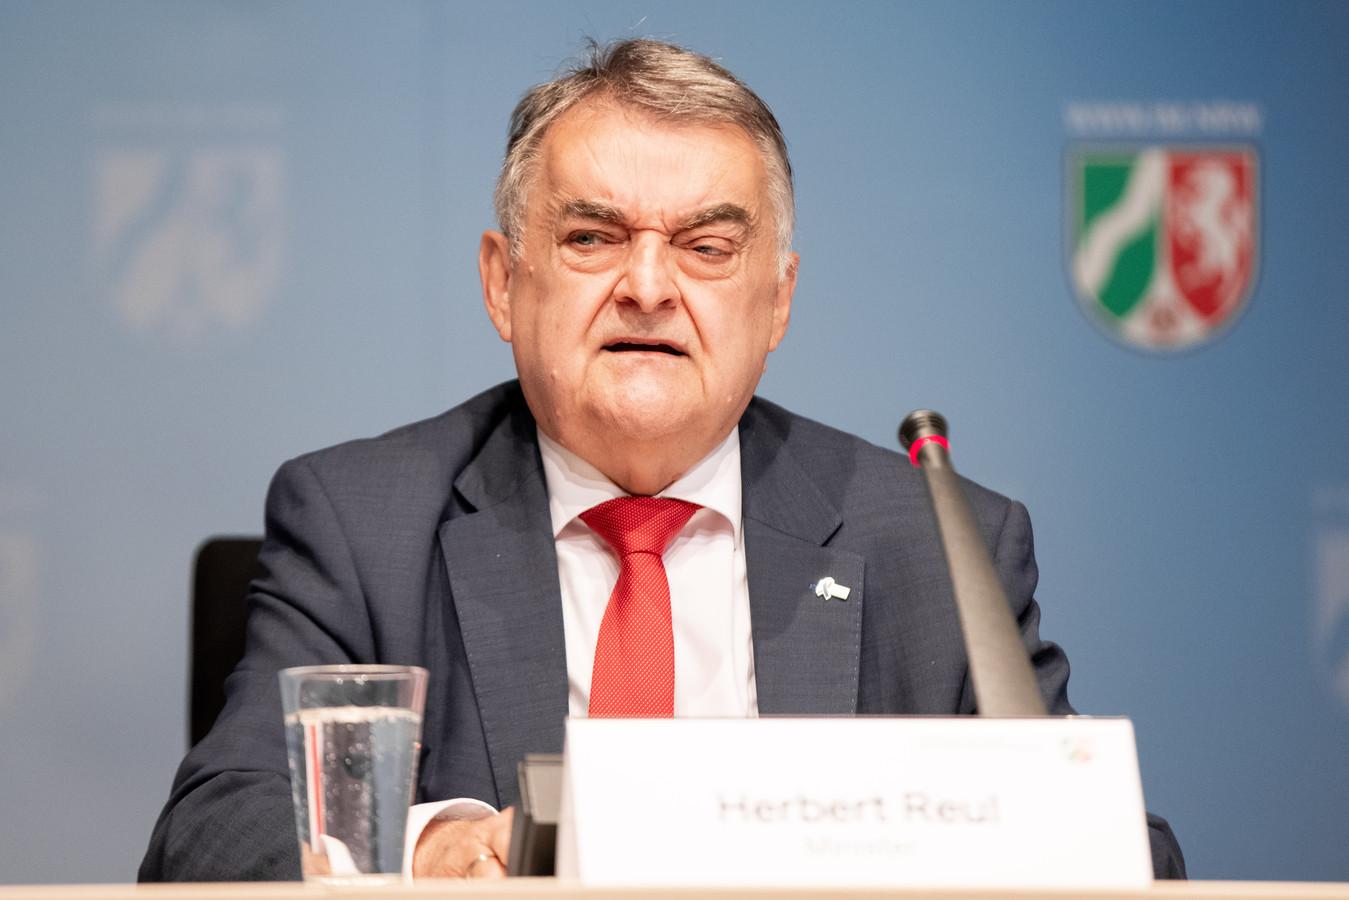 L'un des groupes a été créé en 2012 et existe toujours, d'après le ministre Reul, s'exprimant mercredi en conférence de presse sur l'affaire